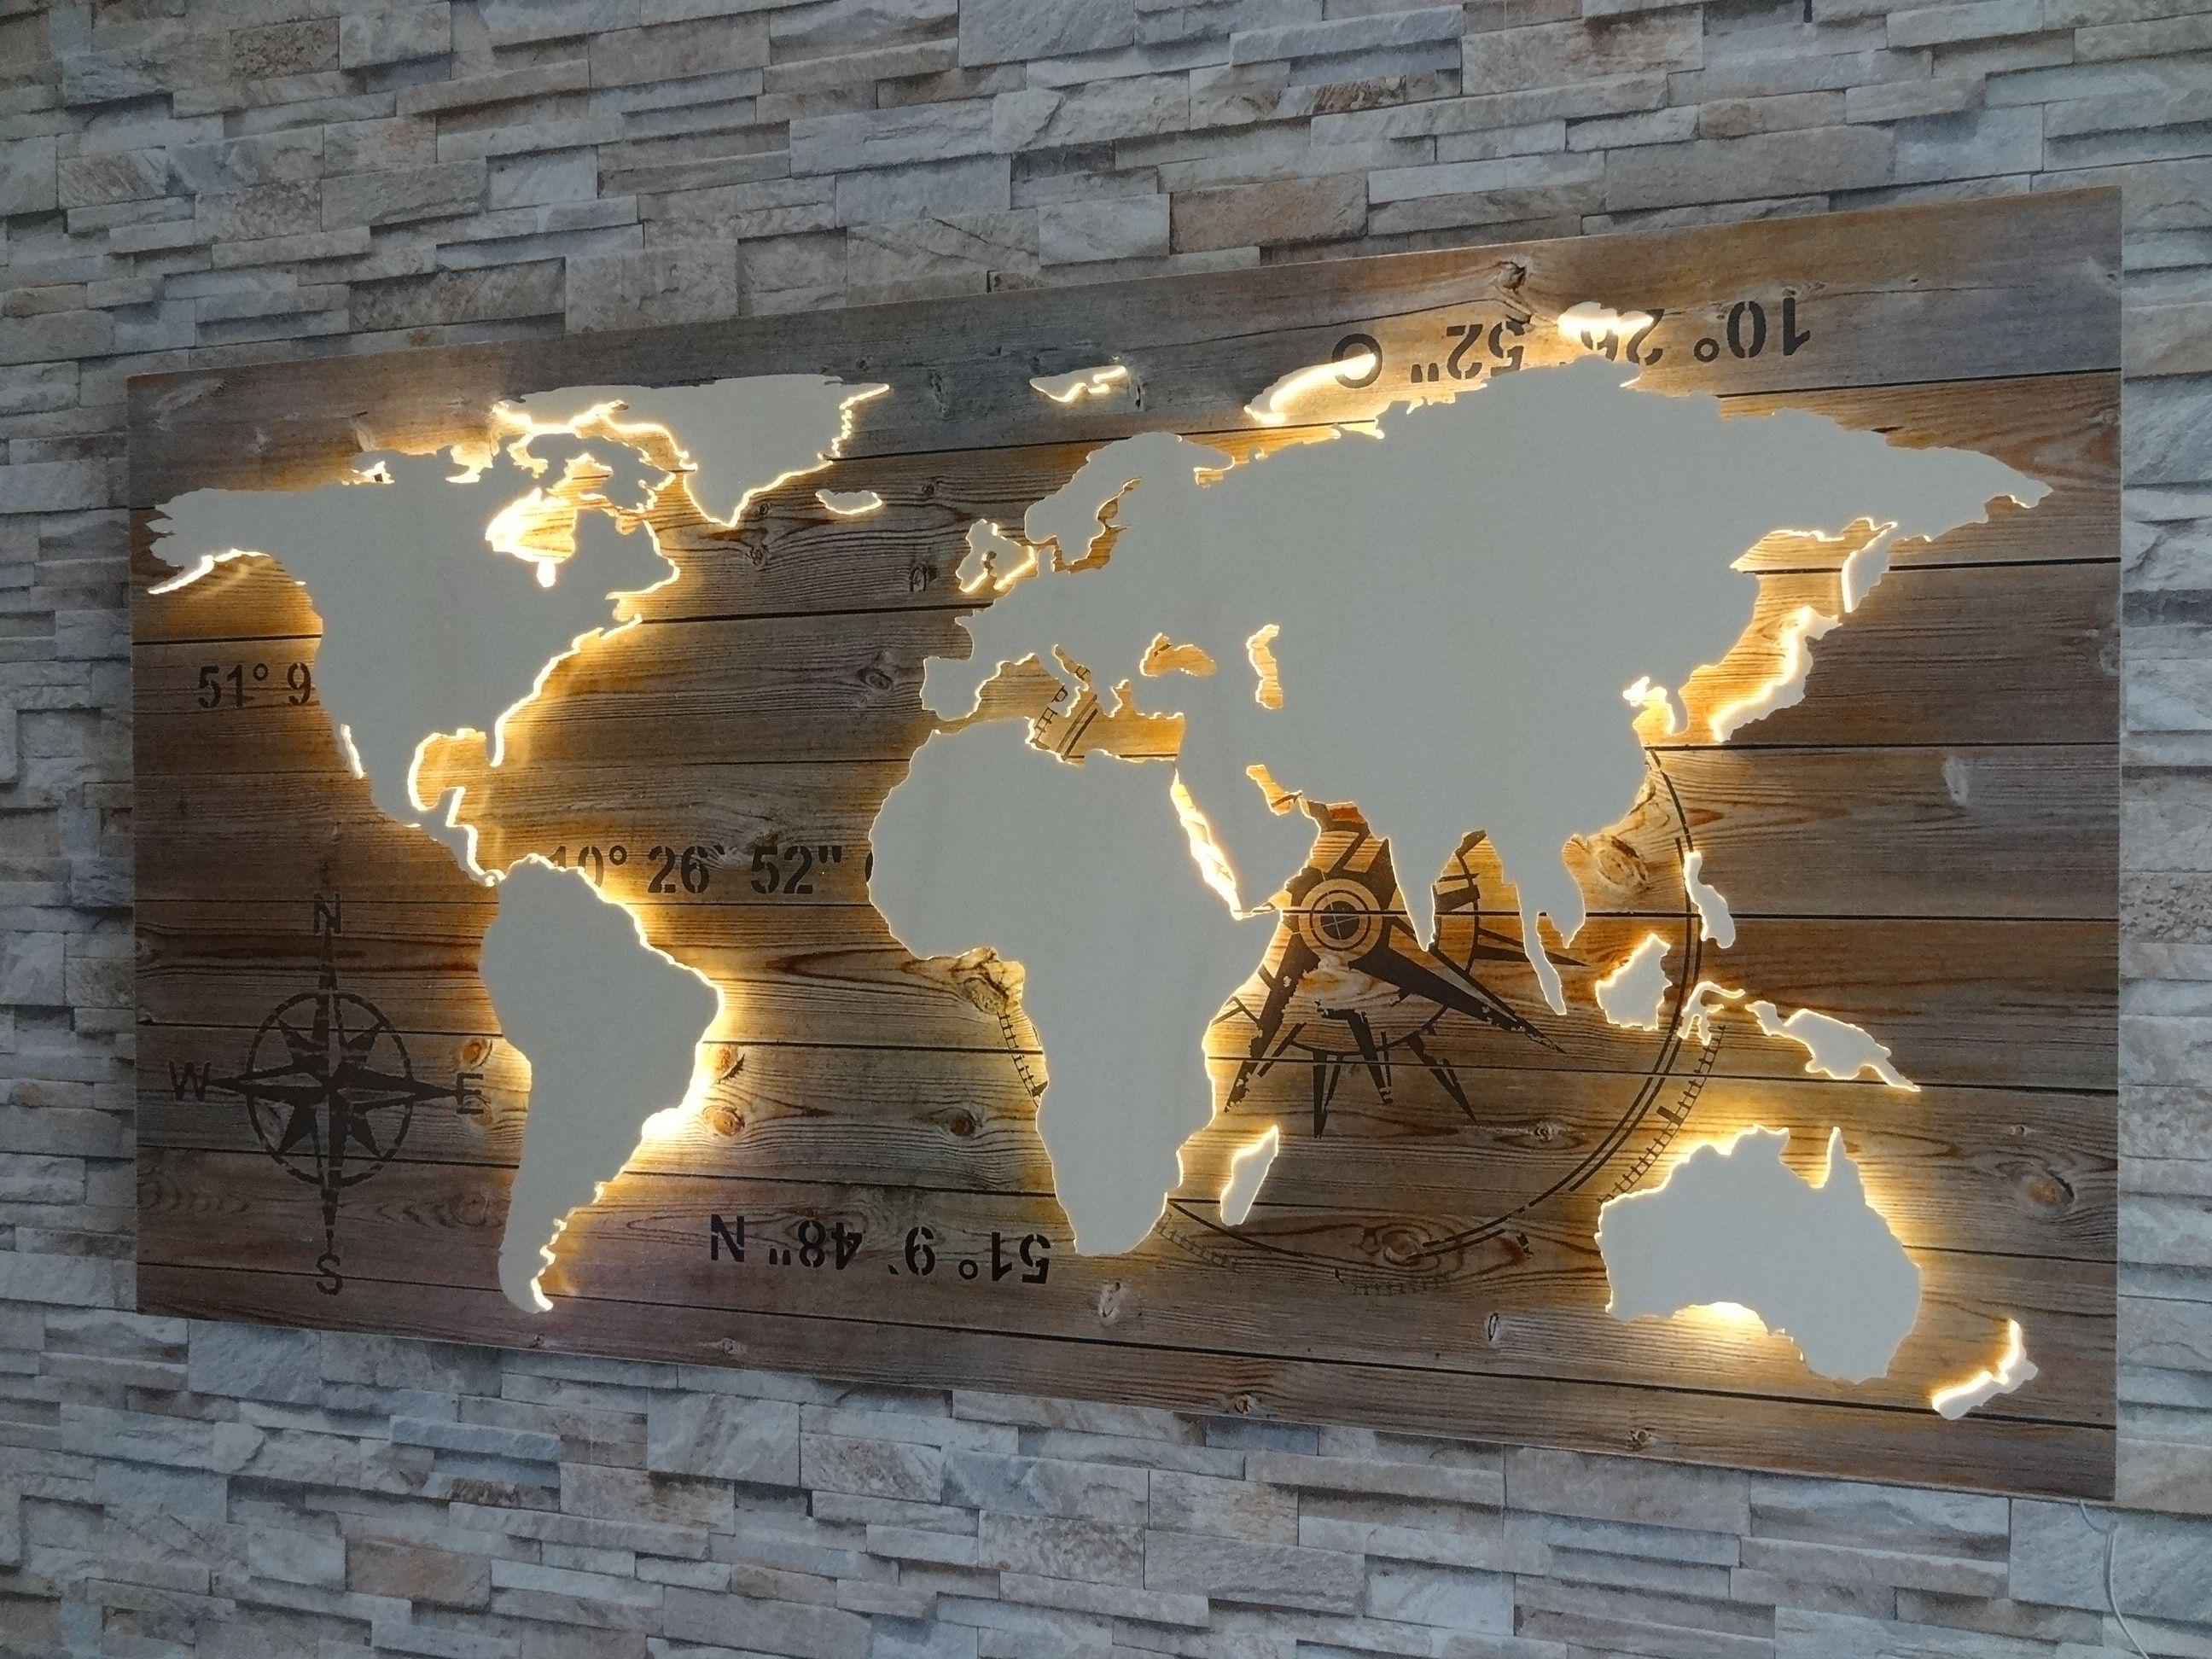 Weltkarte Aus Holz Mit Beleuchtung Kompassrose Weltkarte Aus Holz Led Leuchten Led Beleuchtung